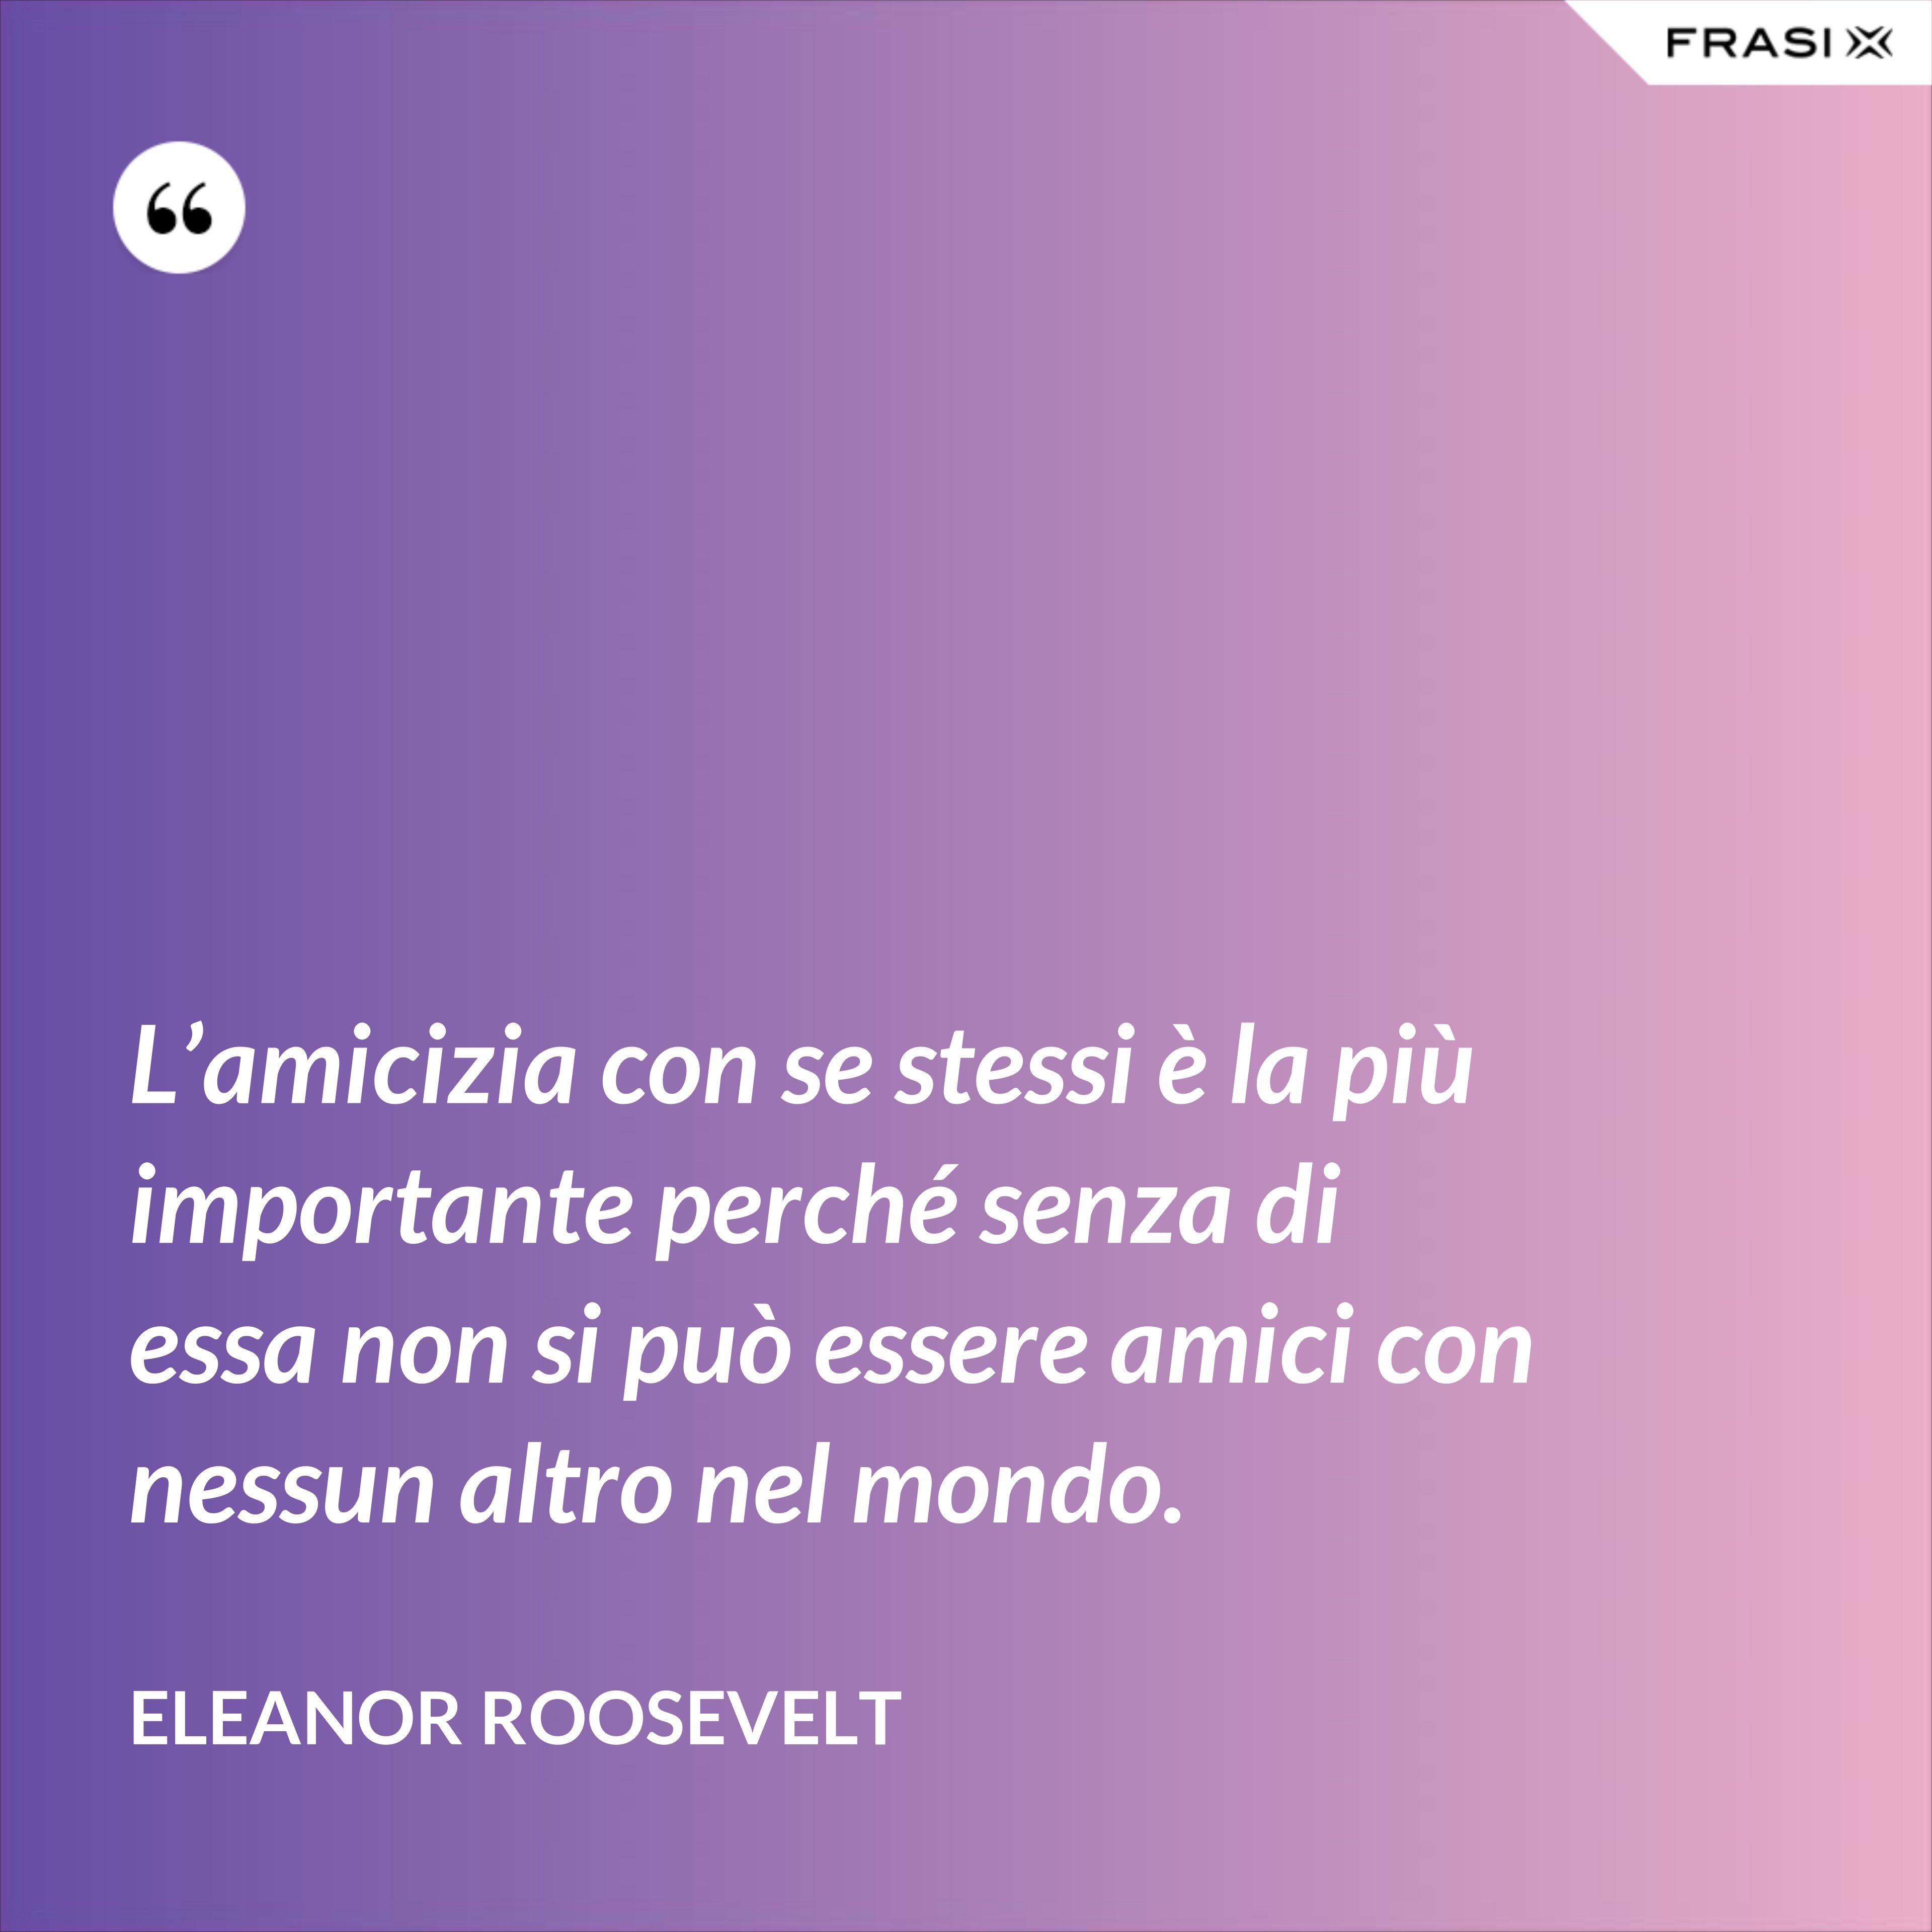 L'amicizia con se stessi è la più importante perché senza di essa non si può essere amici con nessun altro nel mondo. - Eleanor Roosevelt